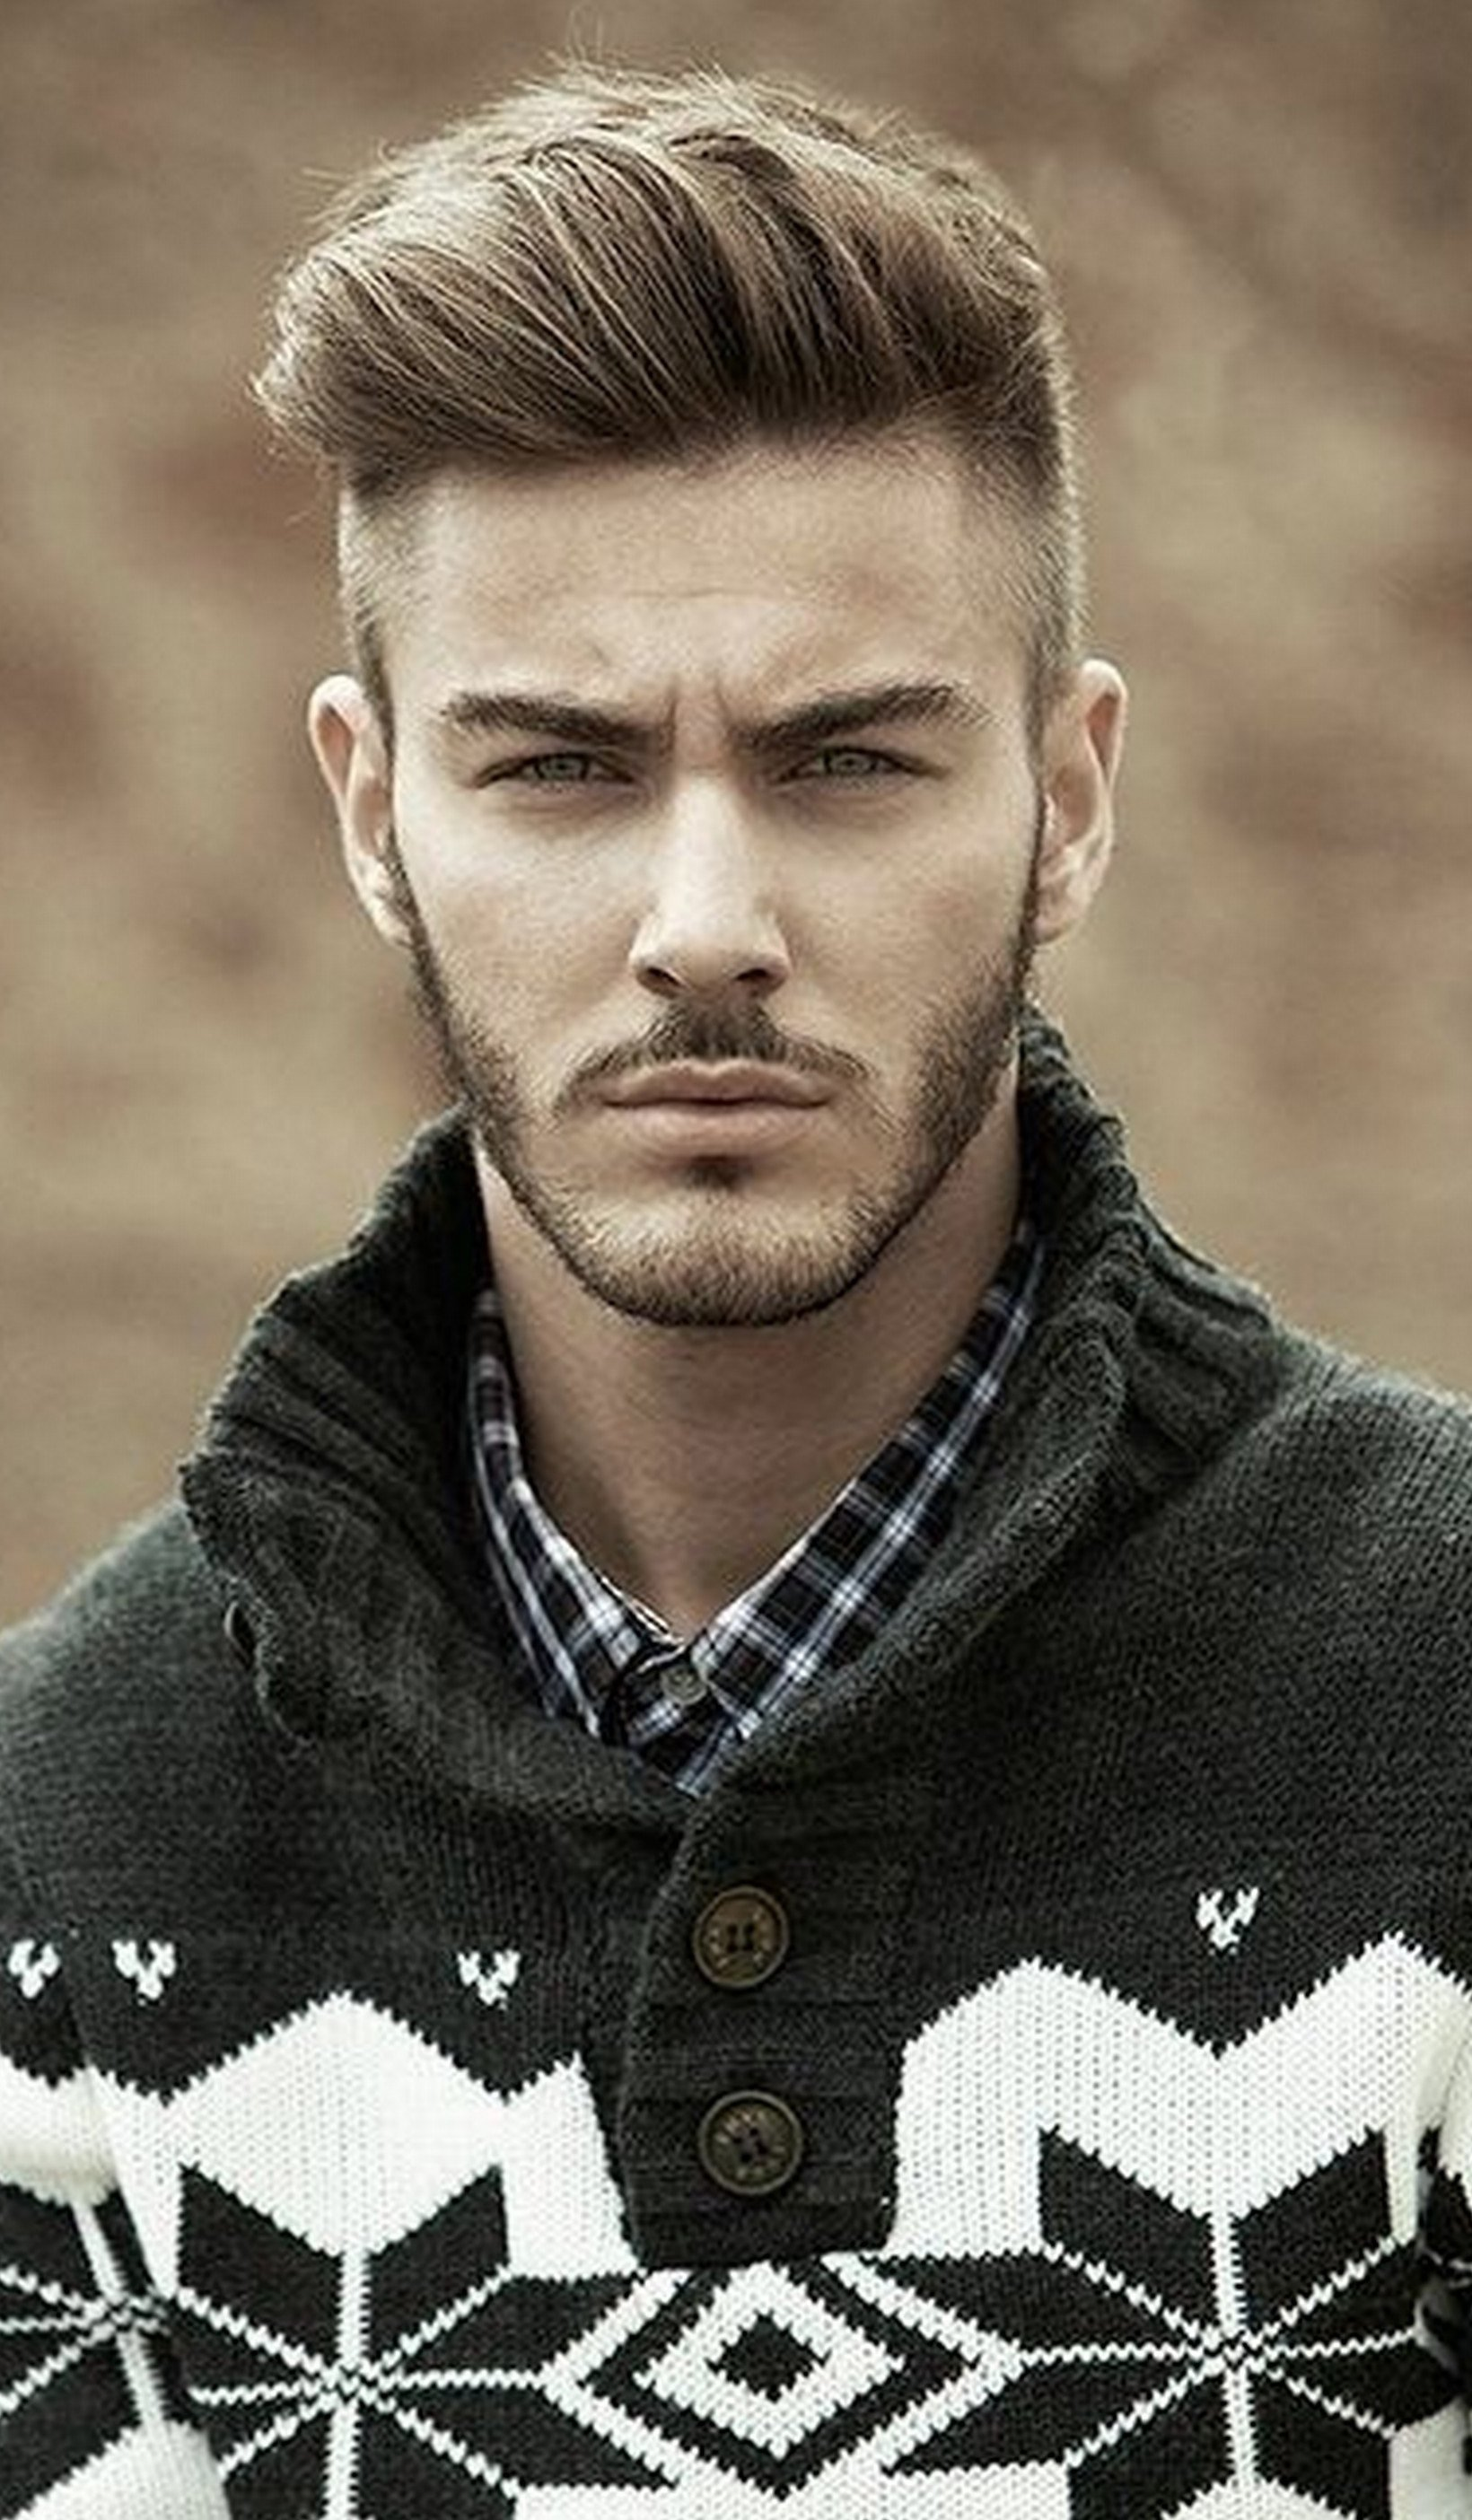 Los 15 cortes de cabello para hombres ms sexis del momento